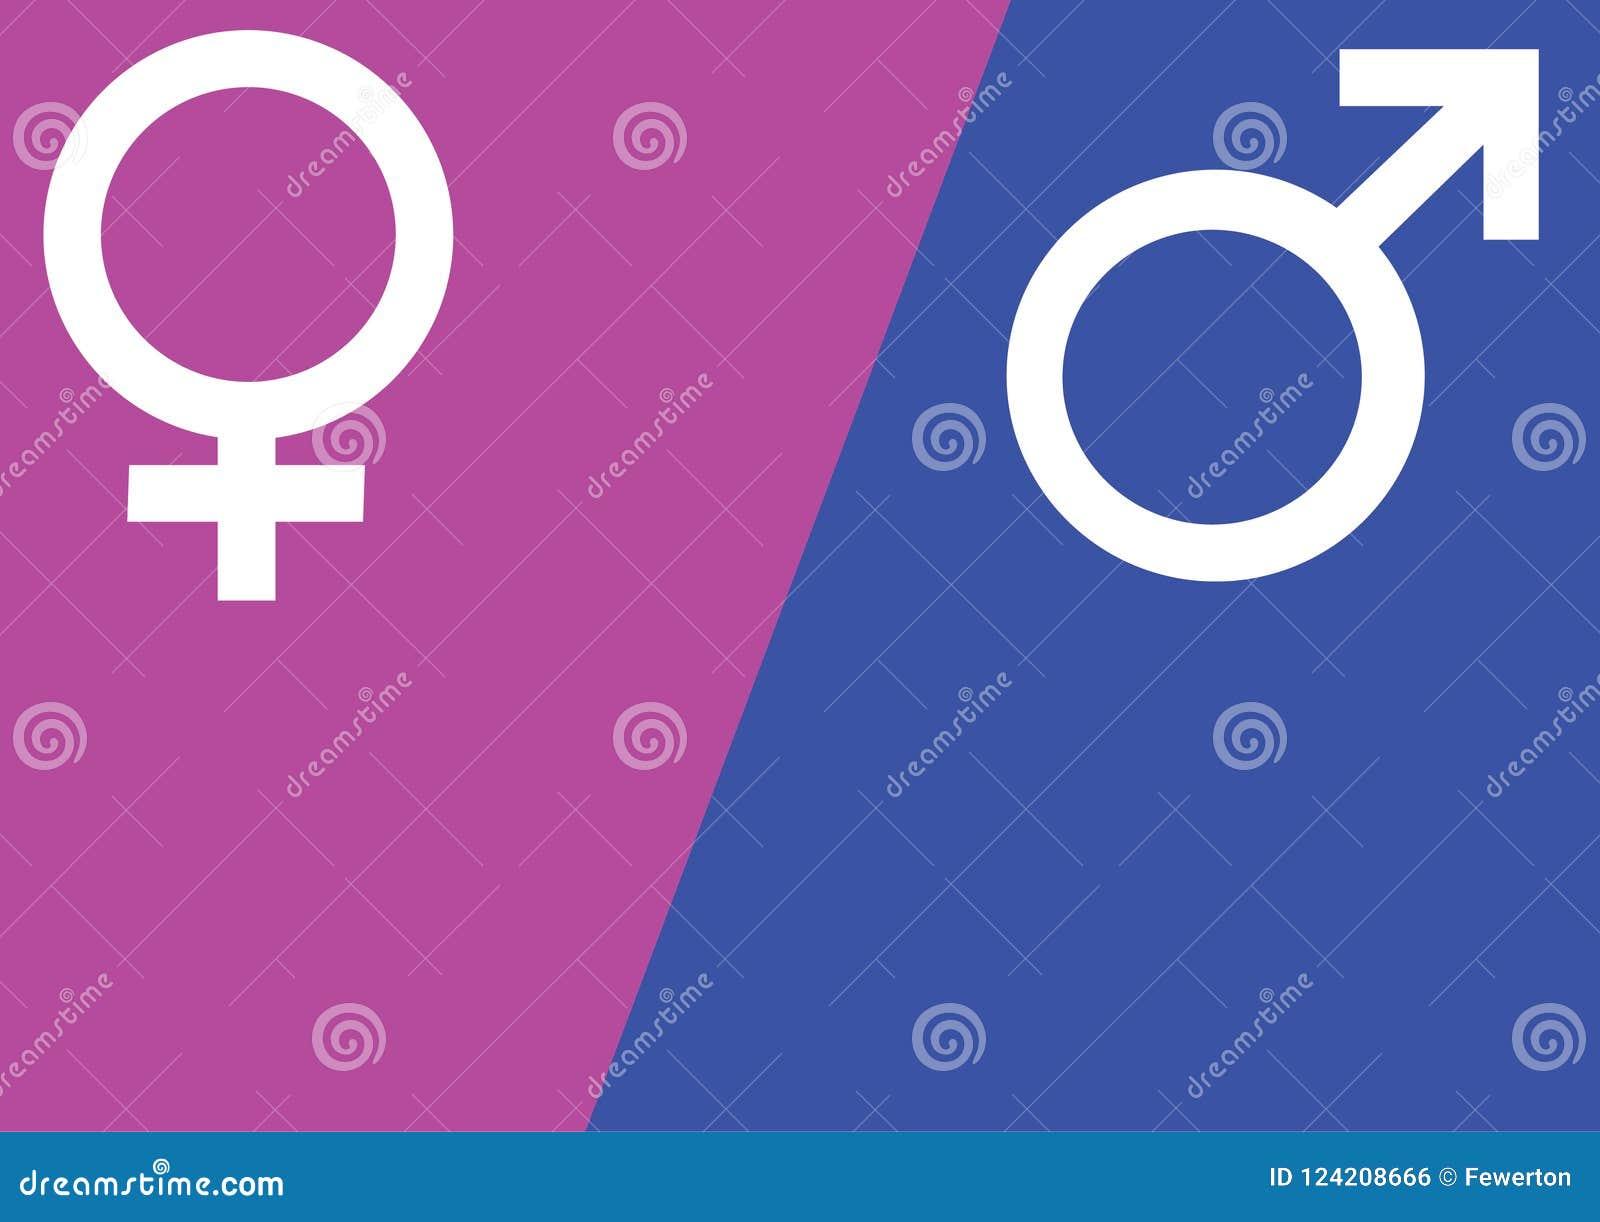 Männliche und weibliche Geschlechtssymbole Mars und Venus unterzeichnet vorbei rosa und blaue Hintergrundvektorillustration